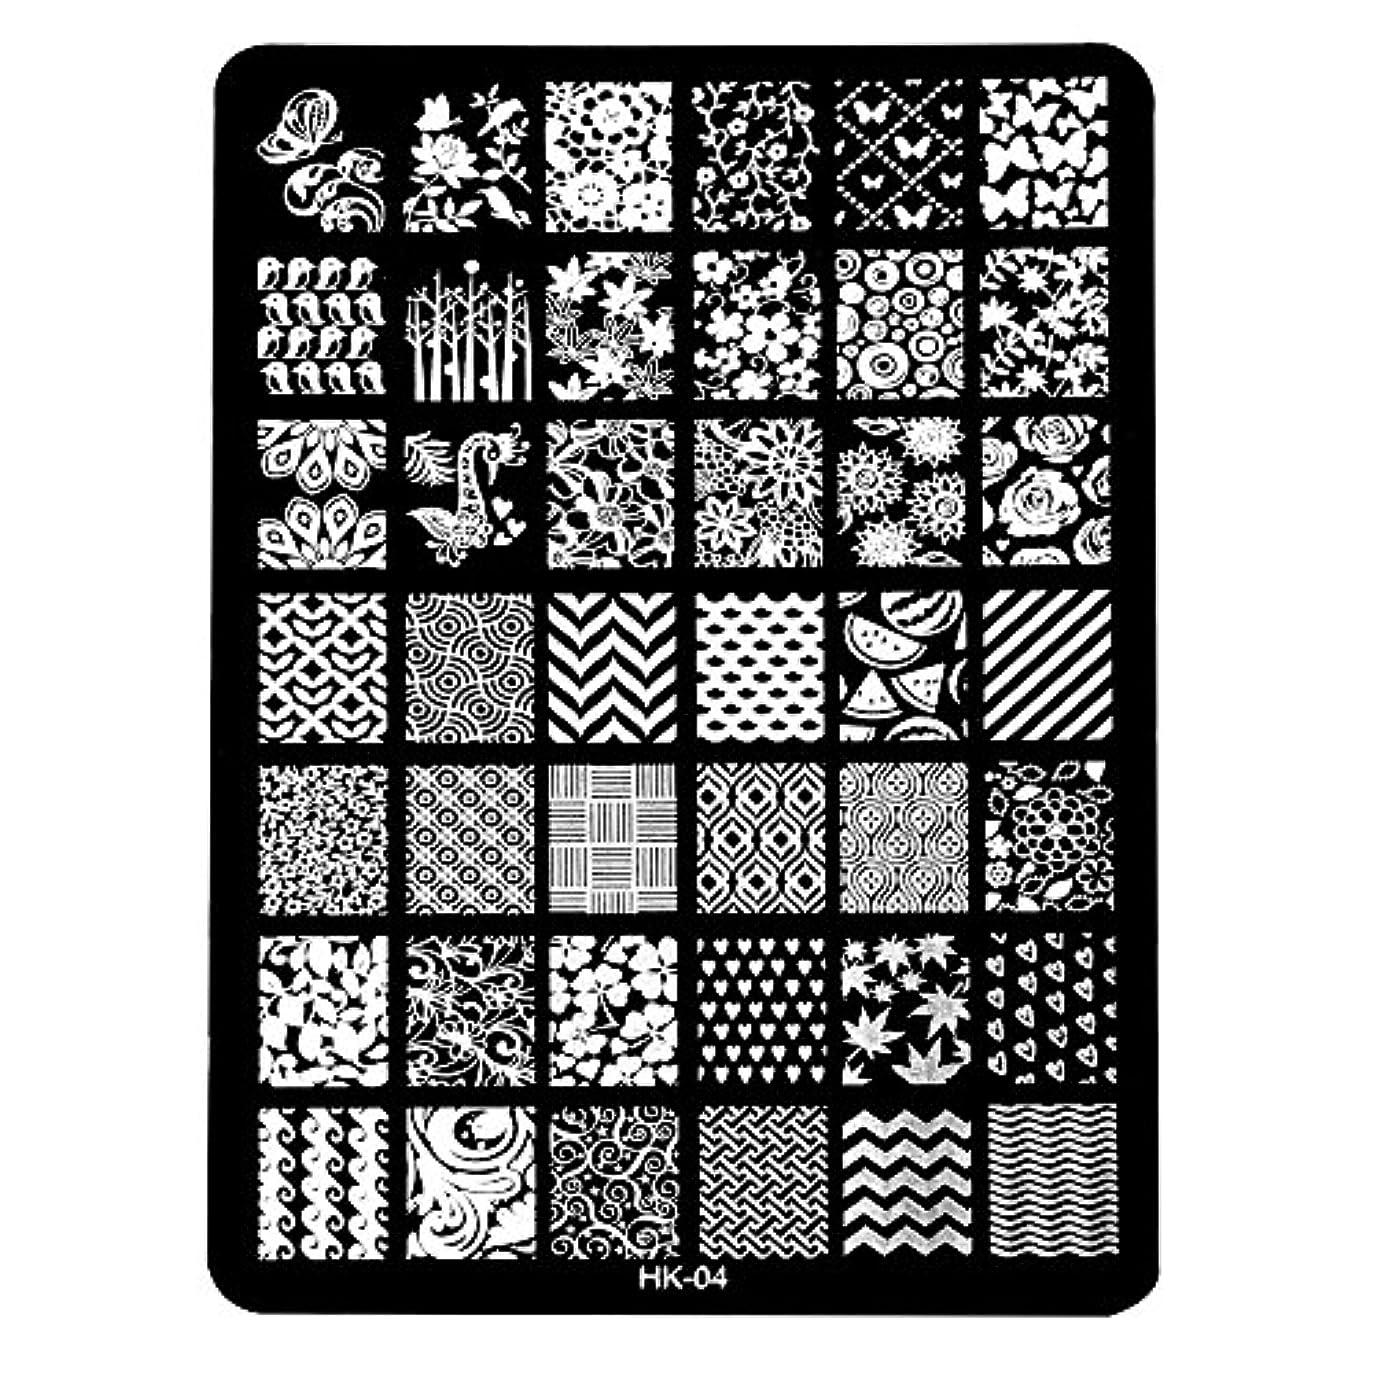 変わるタンザニア改修する[ルテンズ] スタンピングプレートセット 花柄 ネイルプレート ネイルアートツール ネイルプレート ネイルスタンパー ネイルスタンプ スタンプネイル ネイルデザイン用品